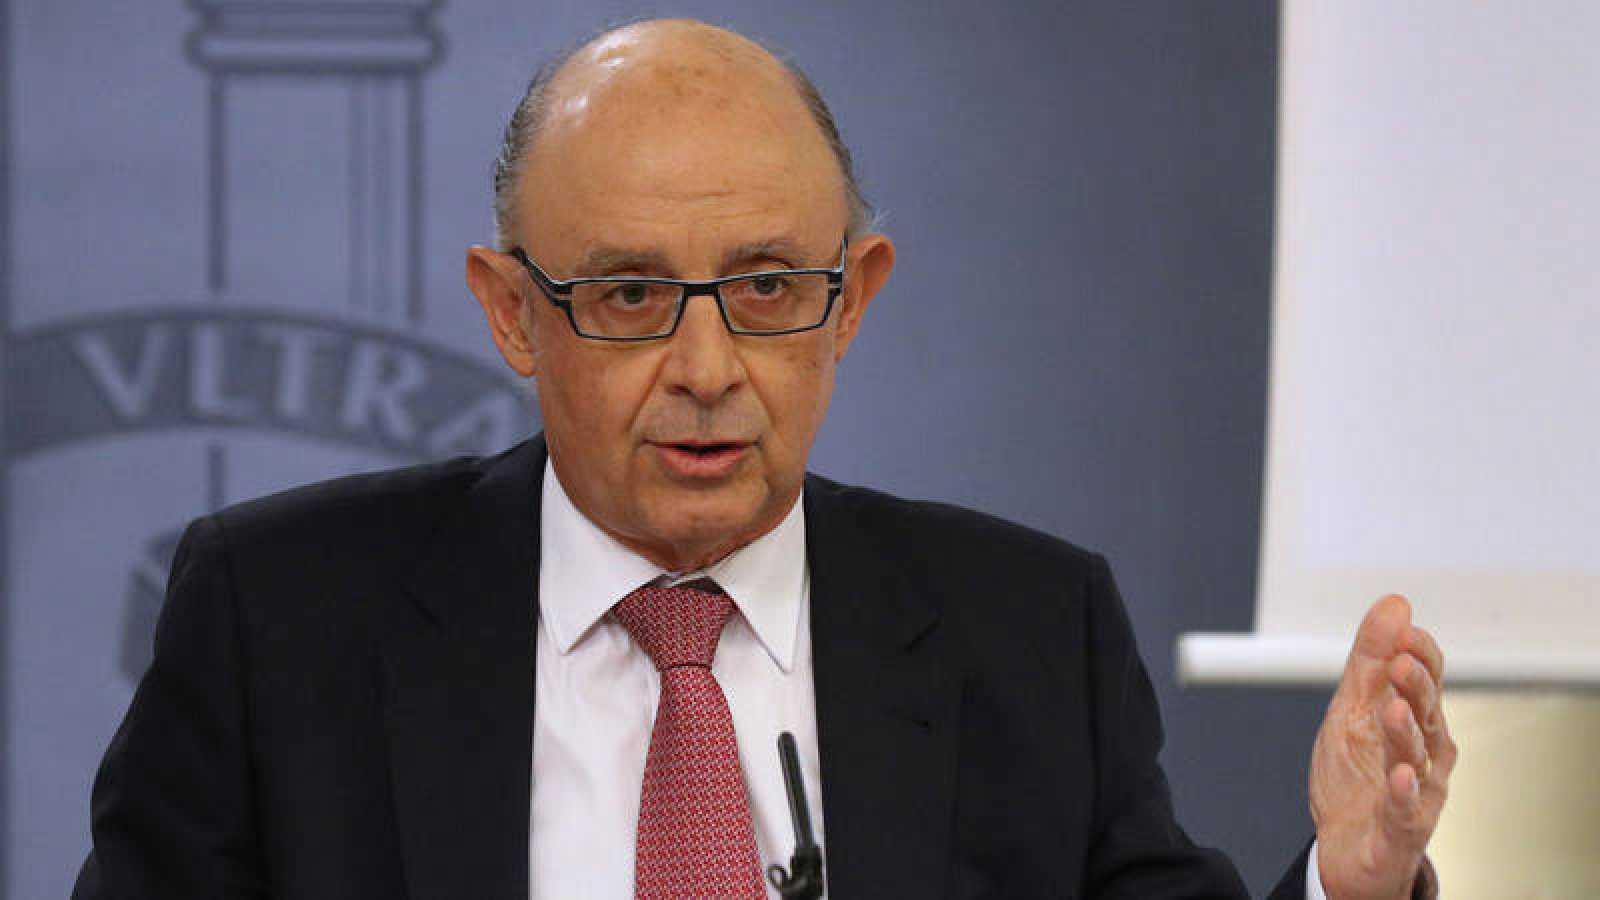 El ministro de Hacienda, Cristóbal Montoro, en una imagen de archivo